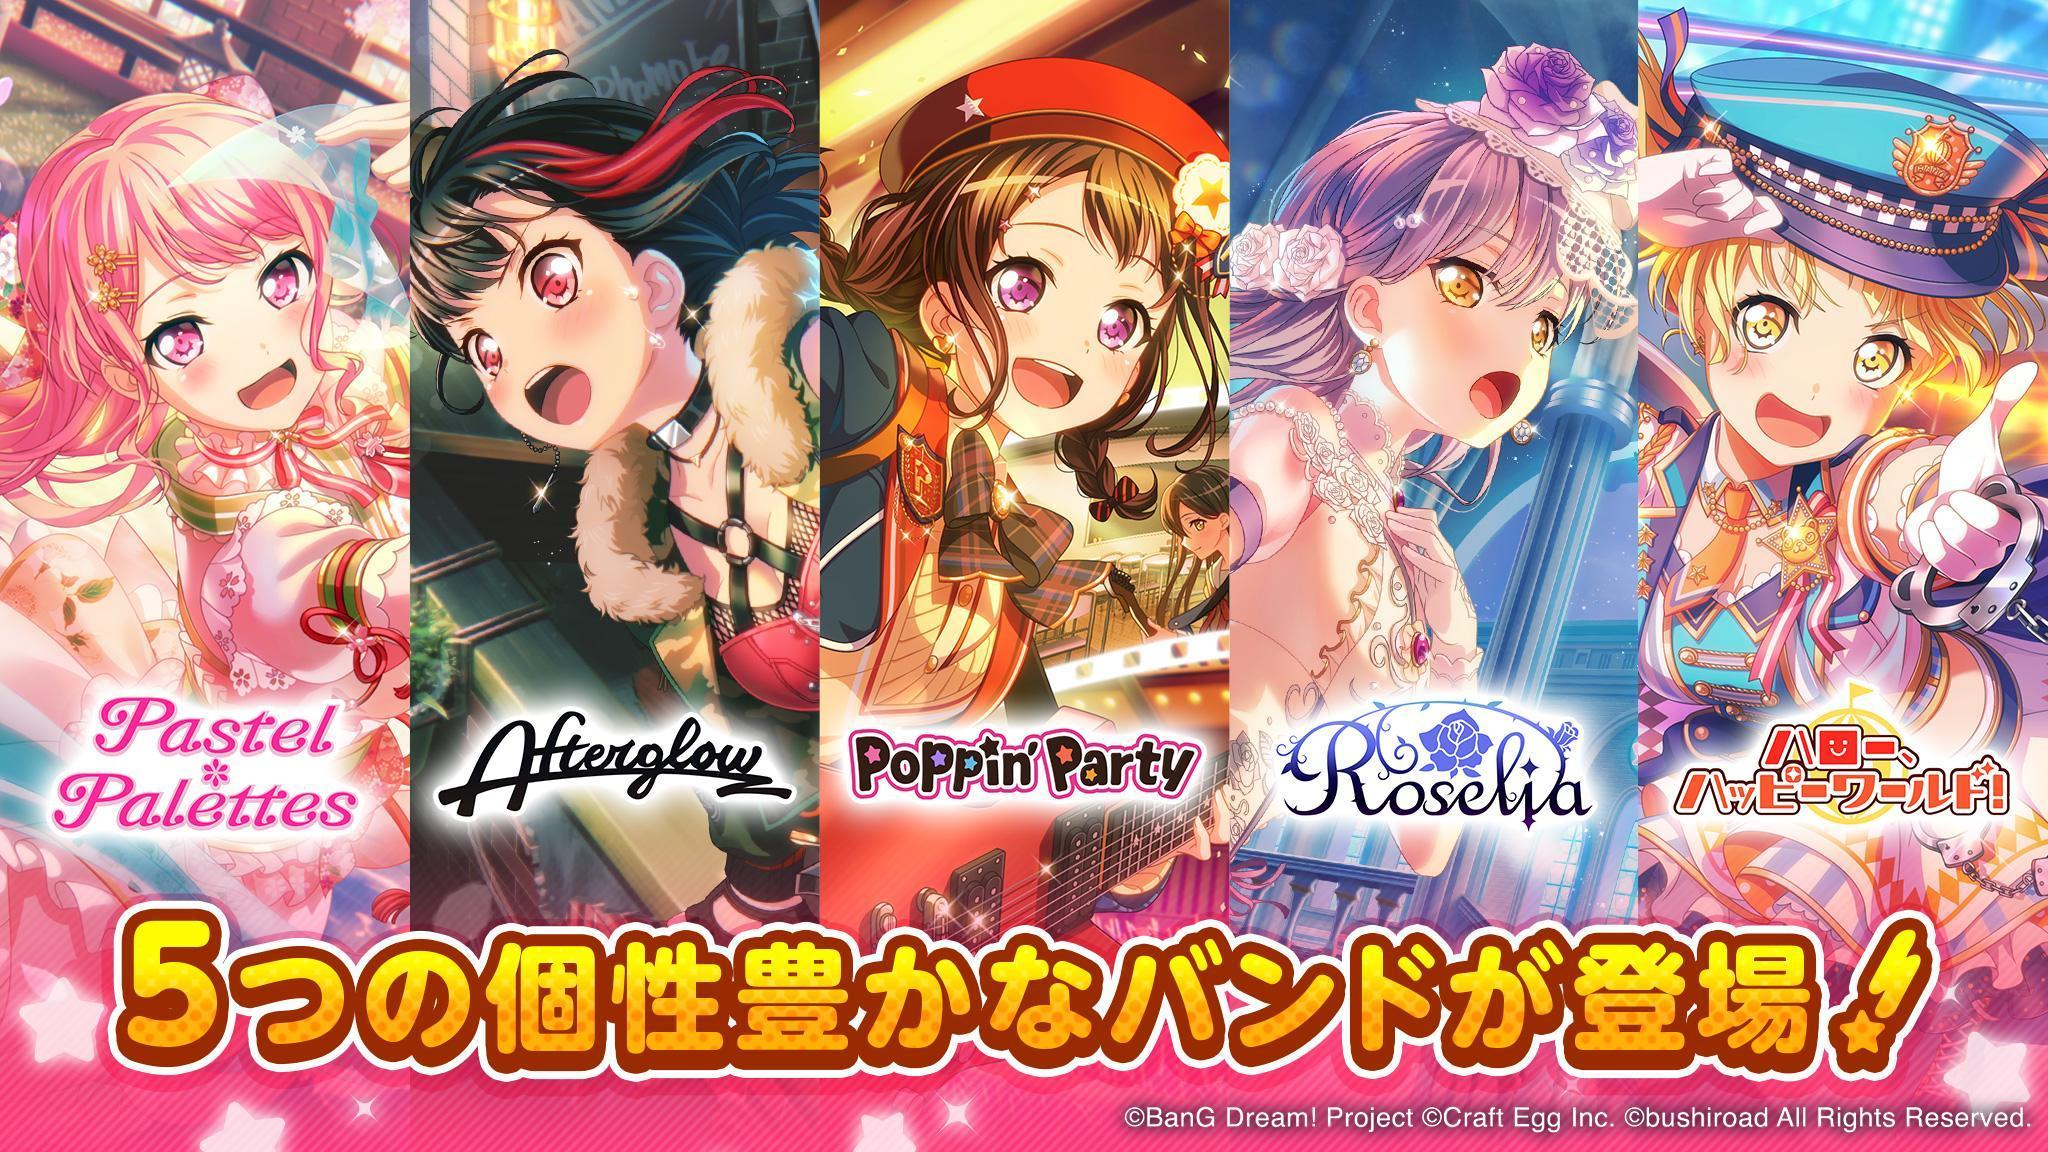 バンドリ! ガールズバンドパーティ! for Android - APK Download